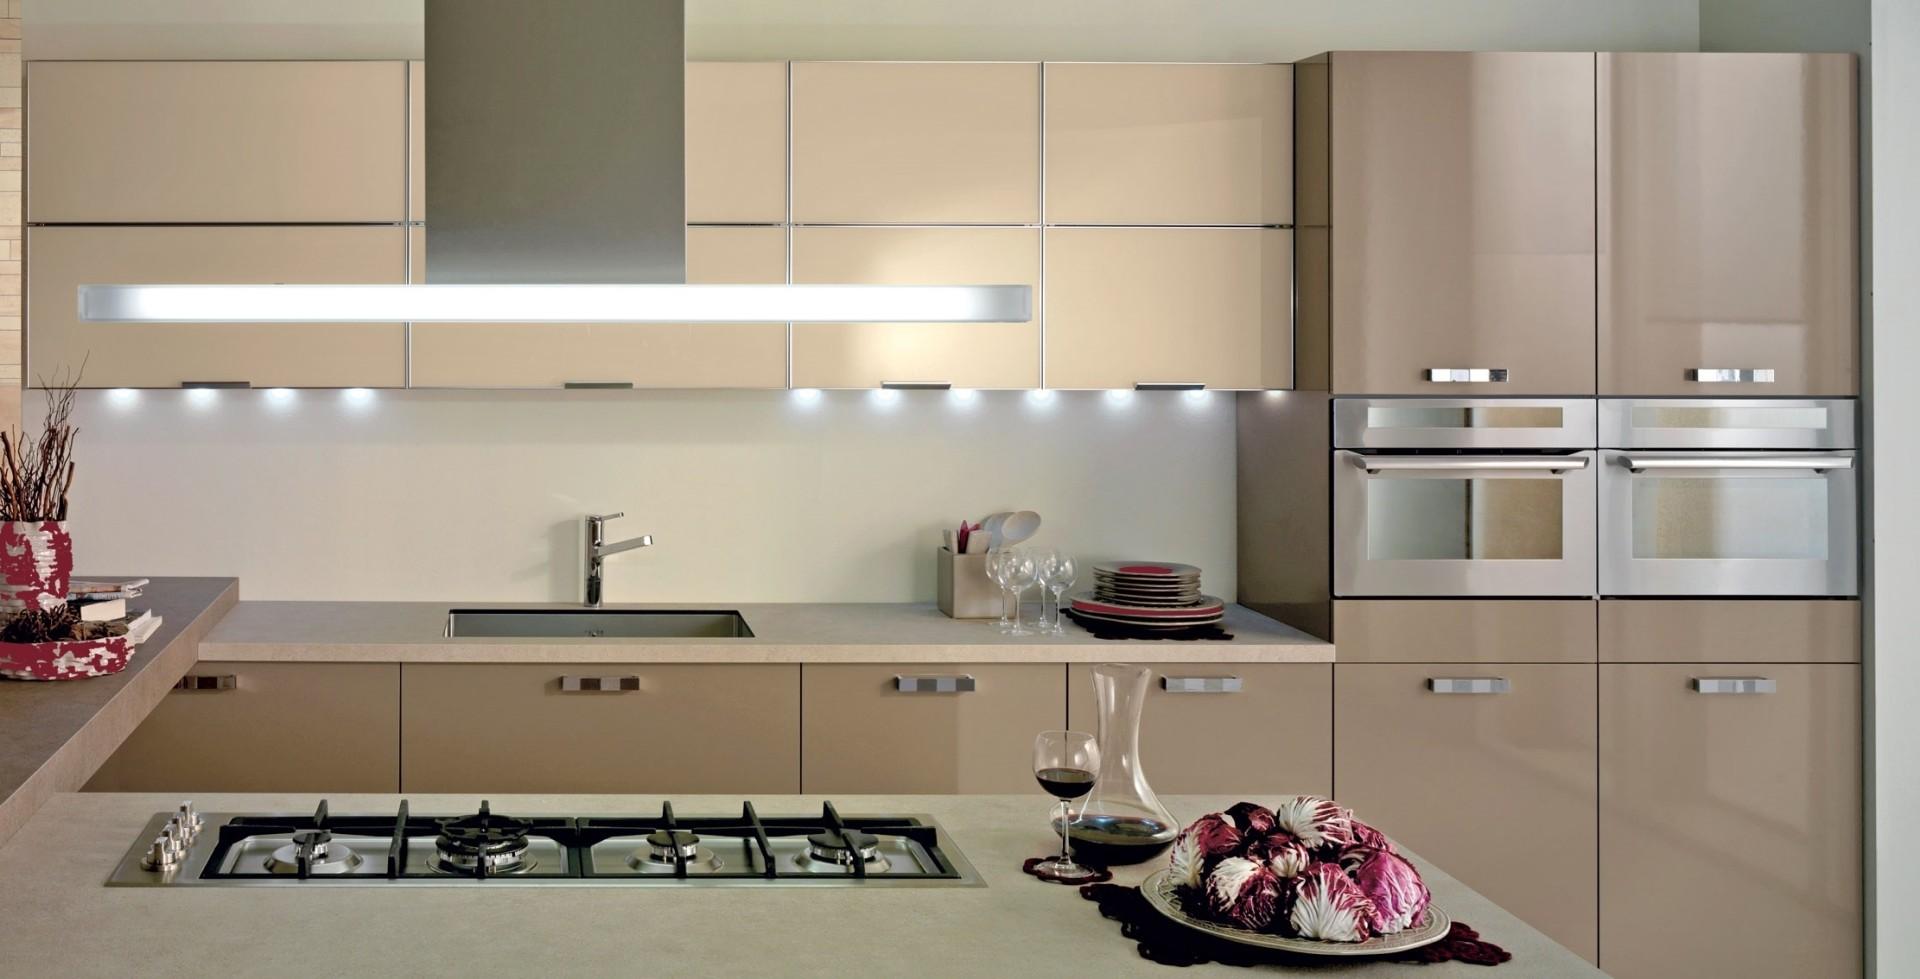 Linea cucine mobilificio segafredo mobili arredamenti su misura vendita diretta - Cucine in linea ...